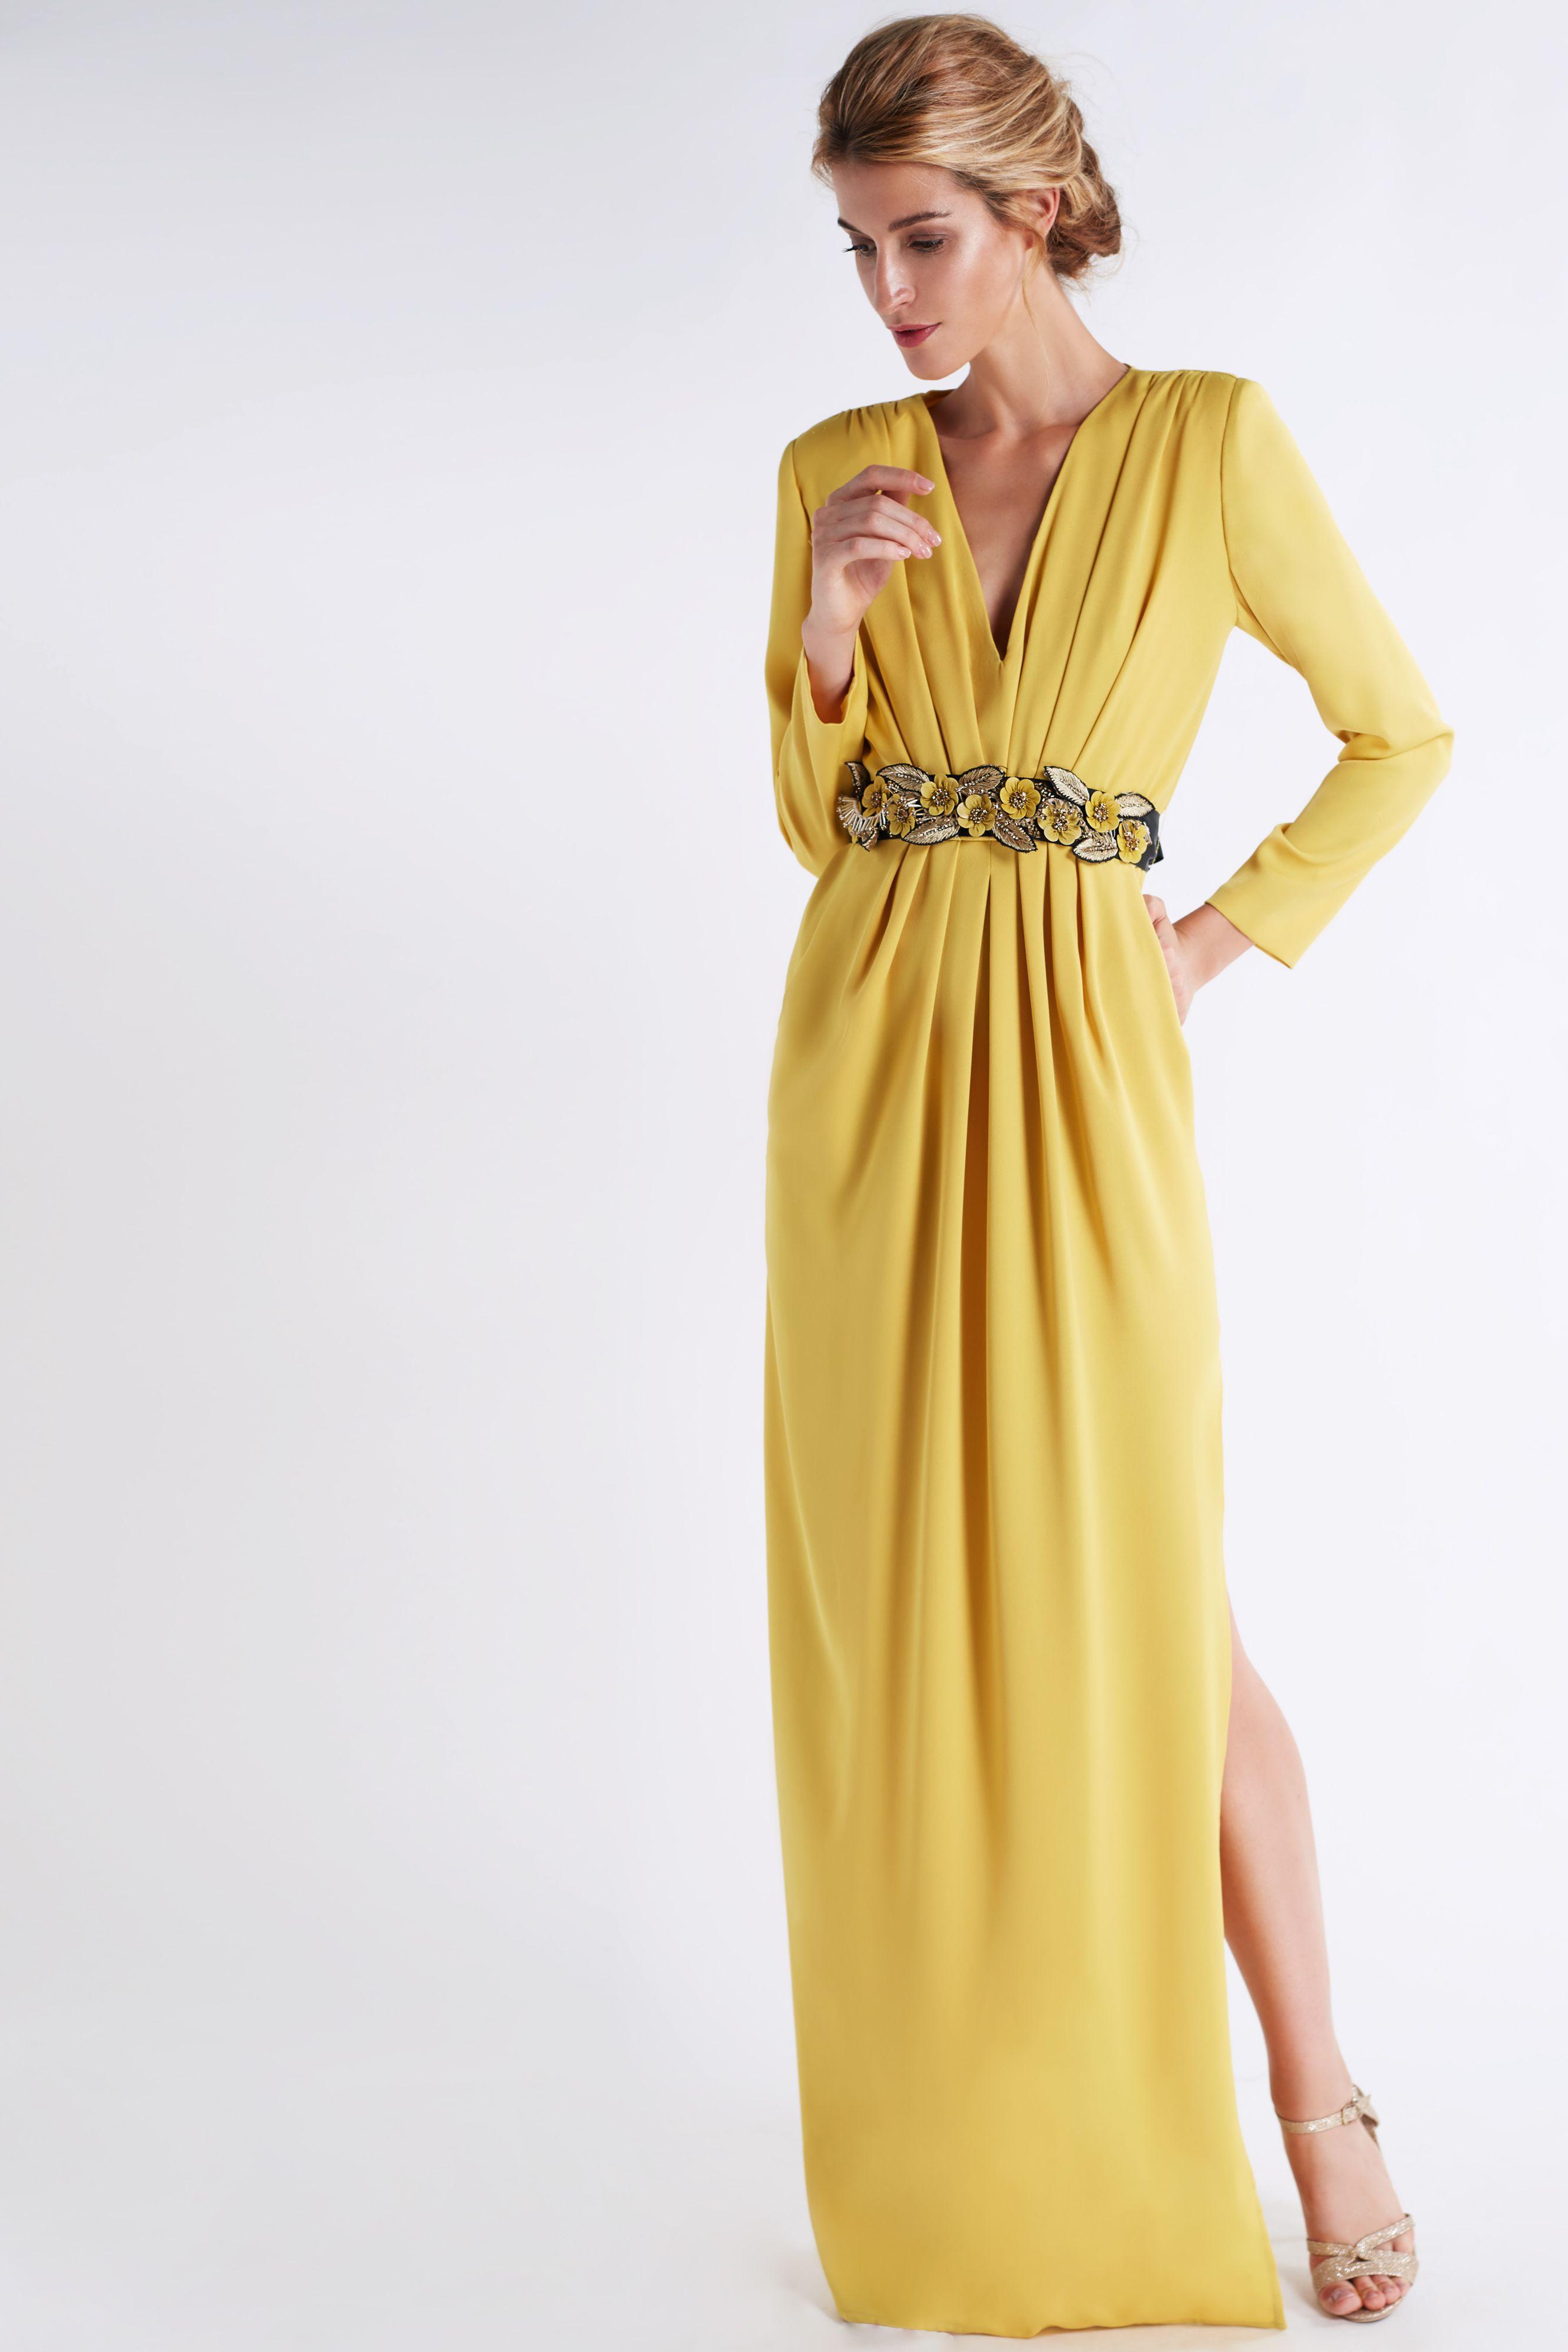 Catalogo de vestidos de fiesta largos